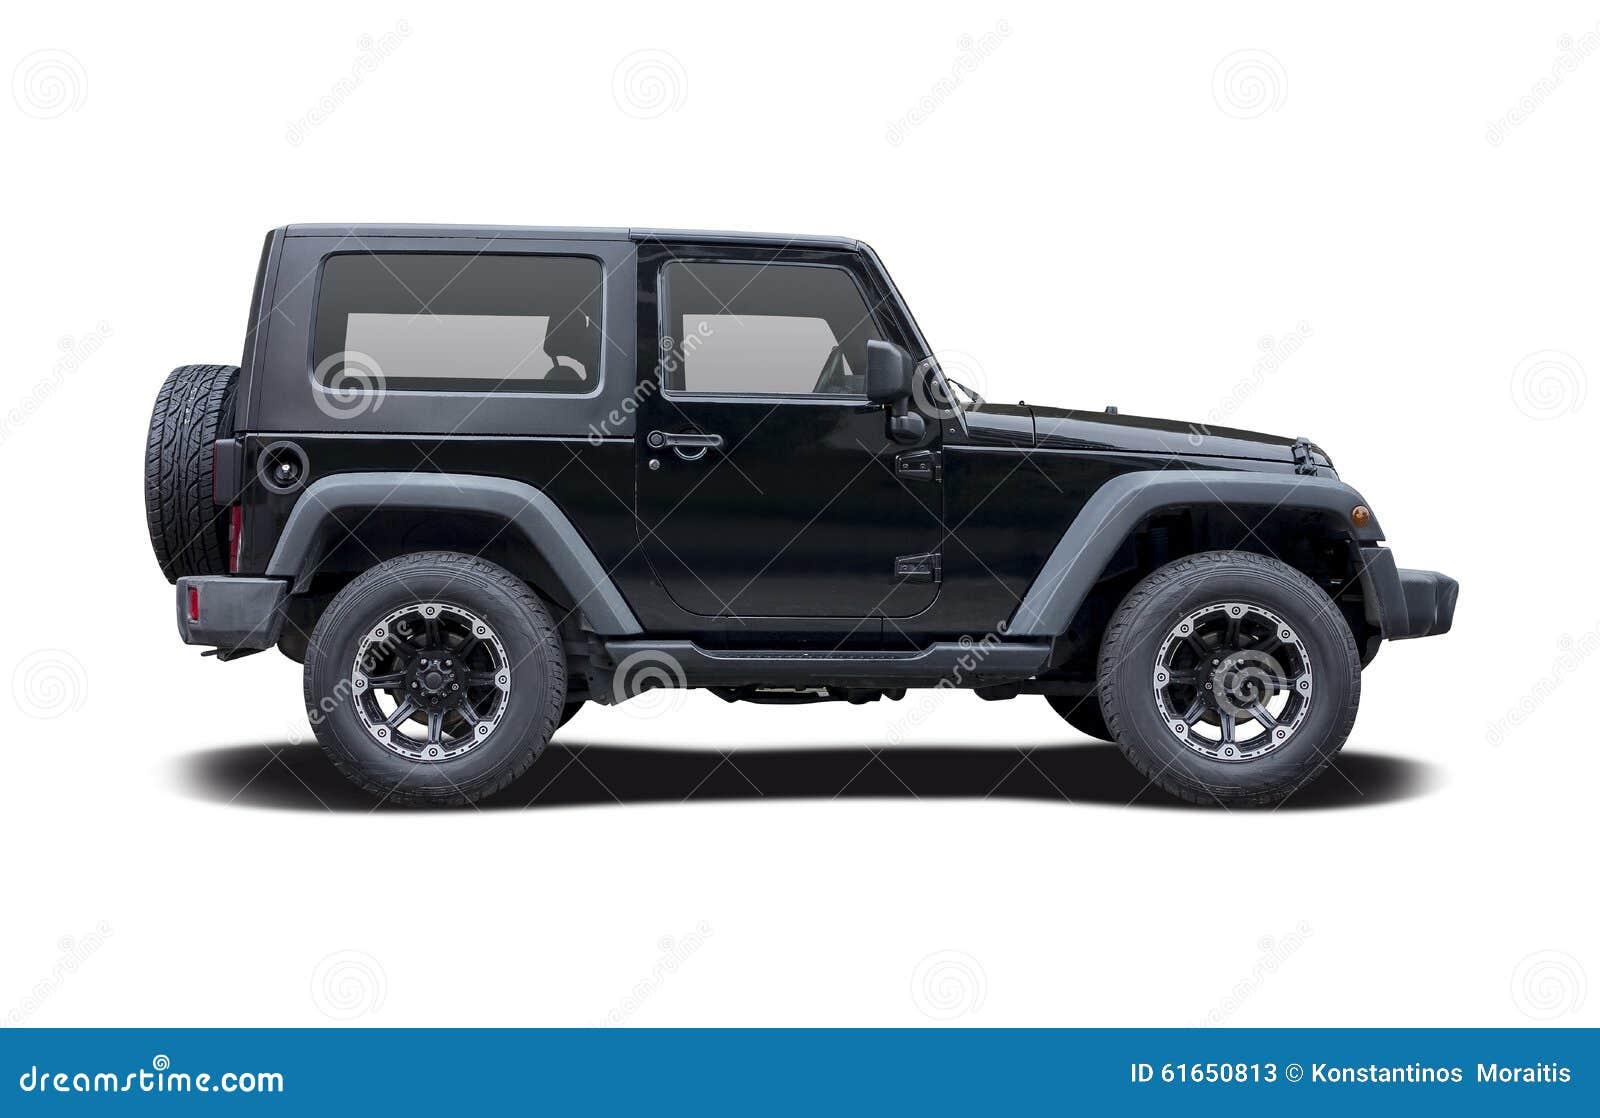 jeep wrangler sport stock image image of wrangler, black 61650813 Customed Jeep Wrangler Side View